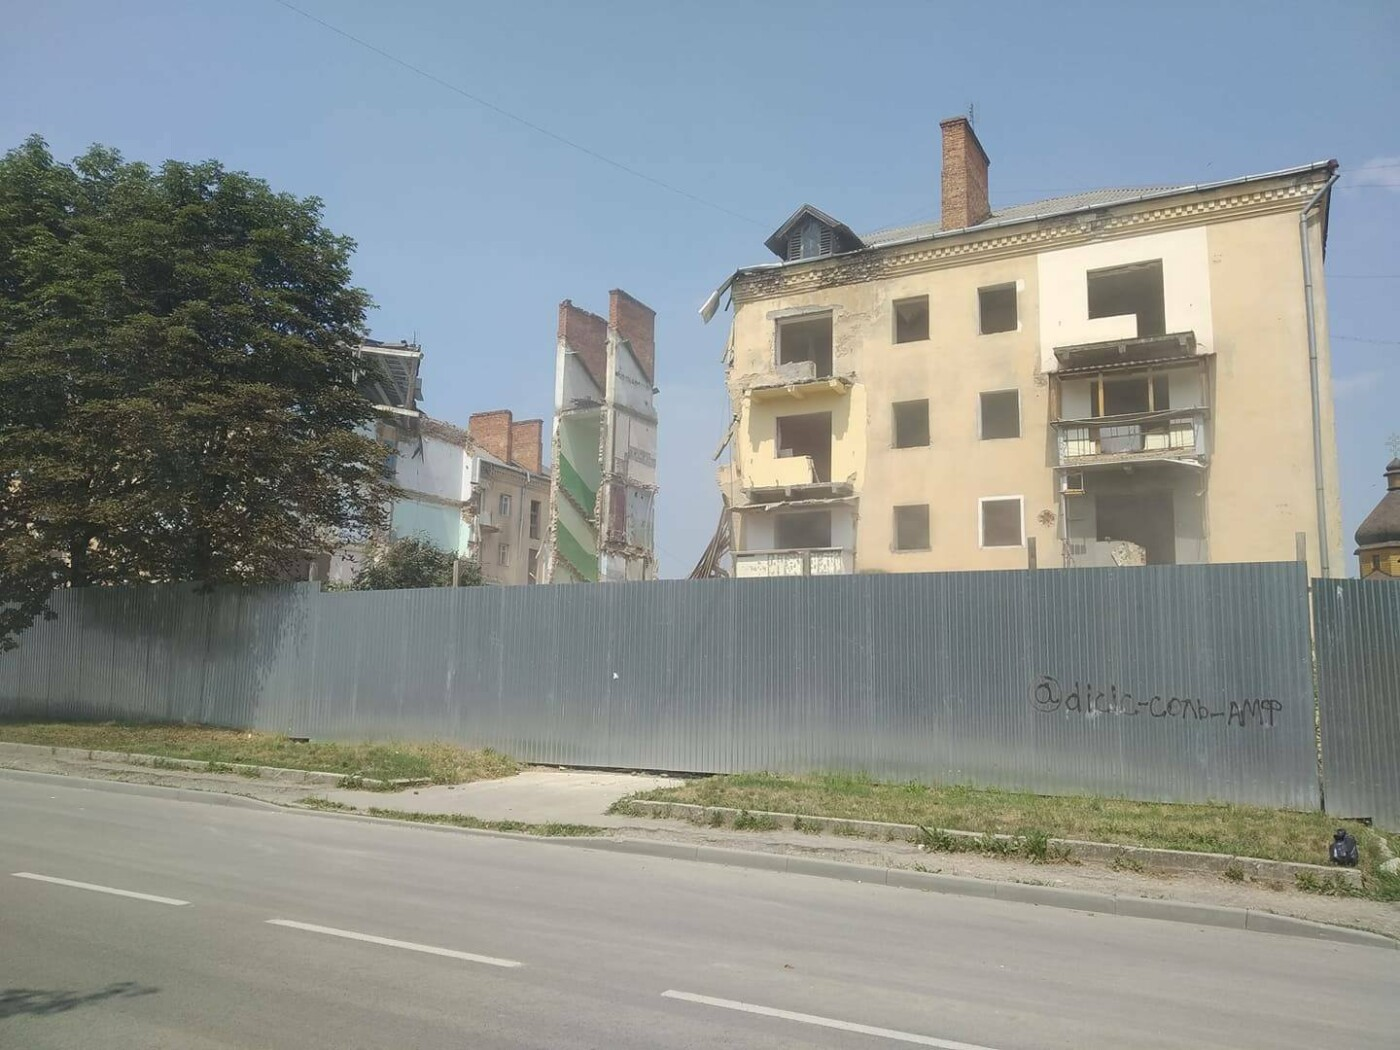 Будинок-вбивця у Дрогобичі: обвалився ще один під'їзд аварійної будівлі, - ФОТОФАКТ, фото-3